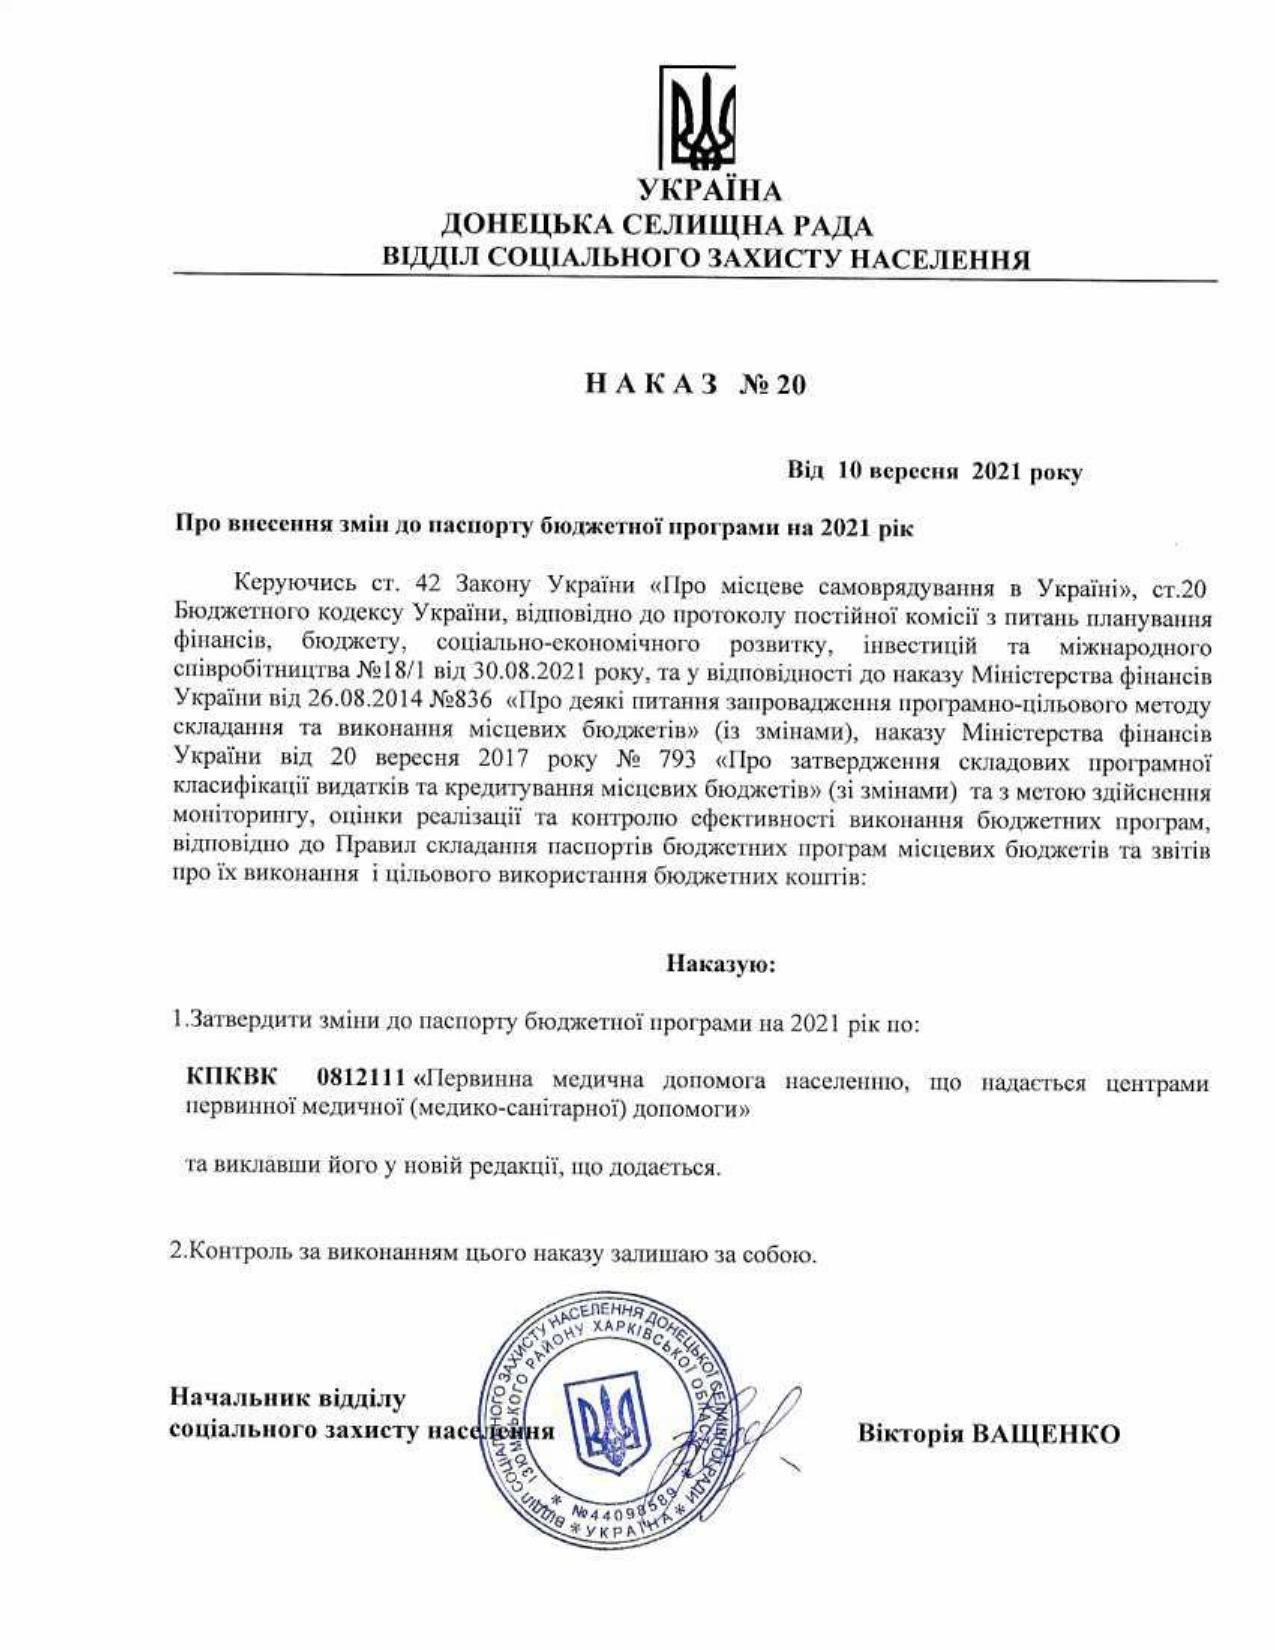 Наказ №20 Про внесення змін до паспорту бюджетної програми на 2021 рік